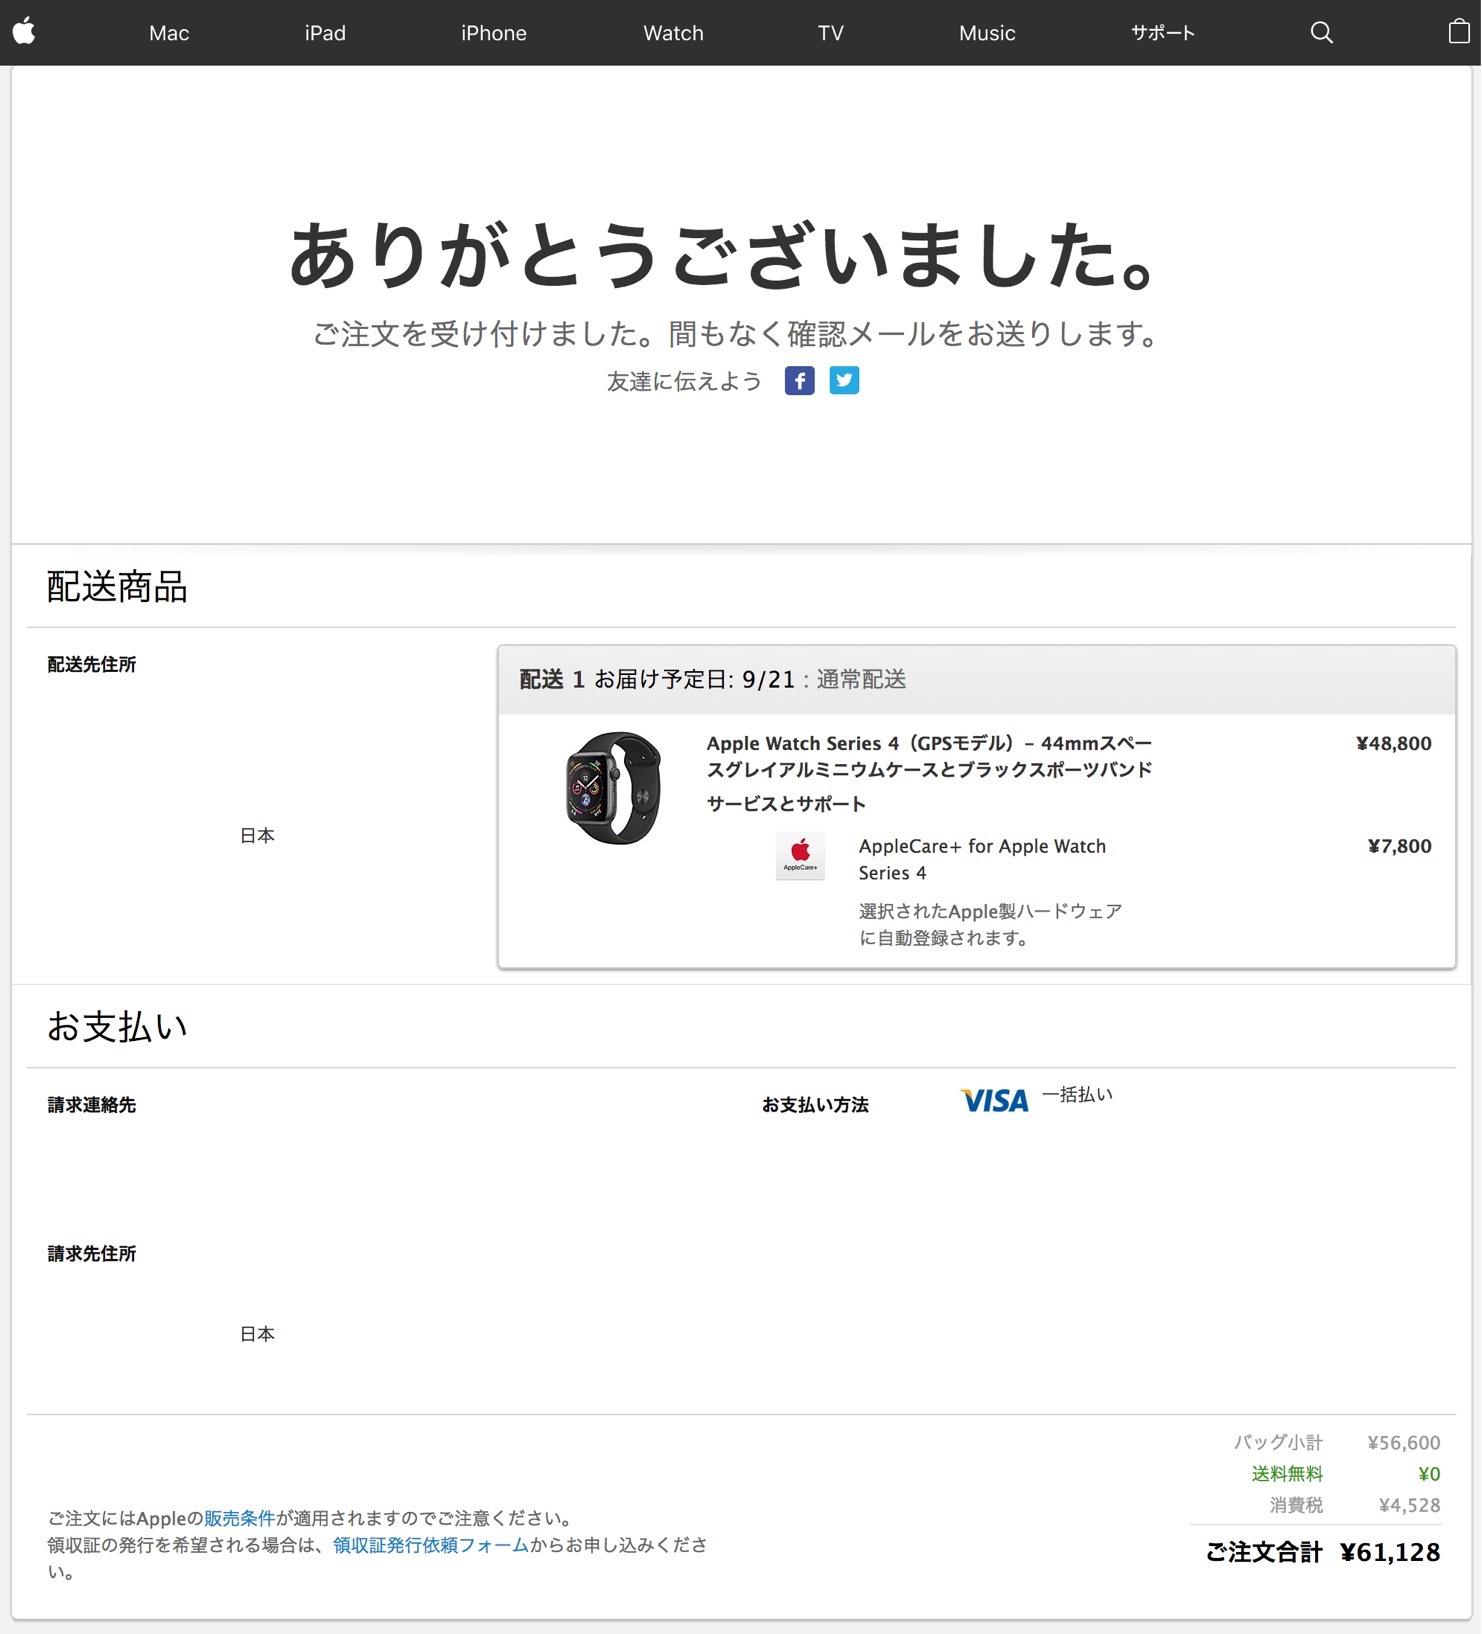 Apple Watch Series 4(GPSモデル)- 44mmスペースグレイアルミニウムケースとブラックスポーツバンド-6